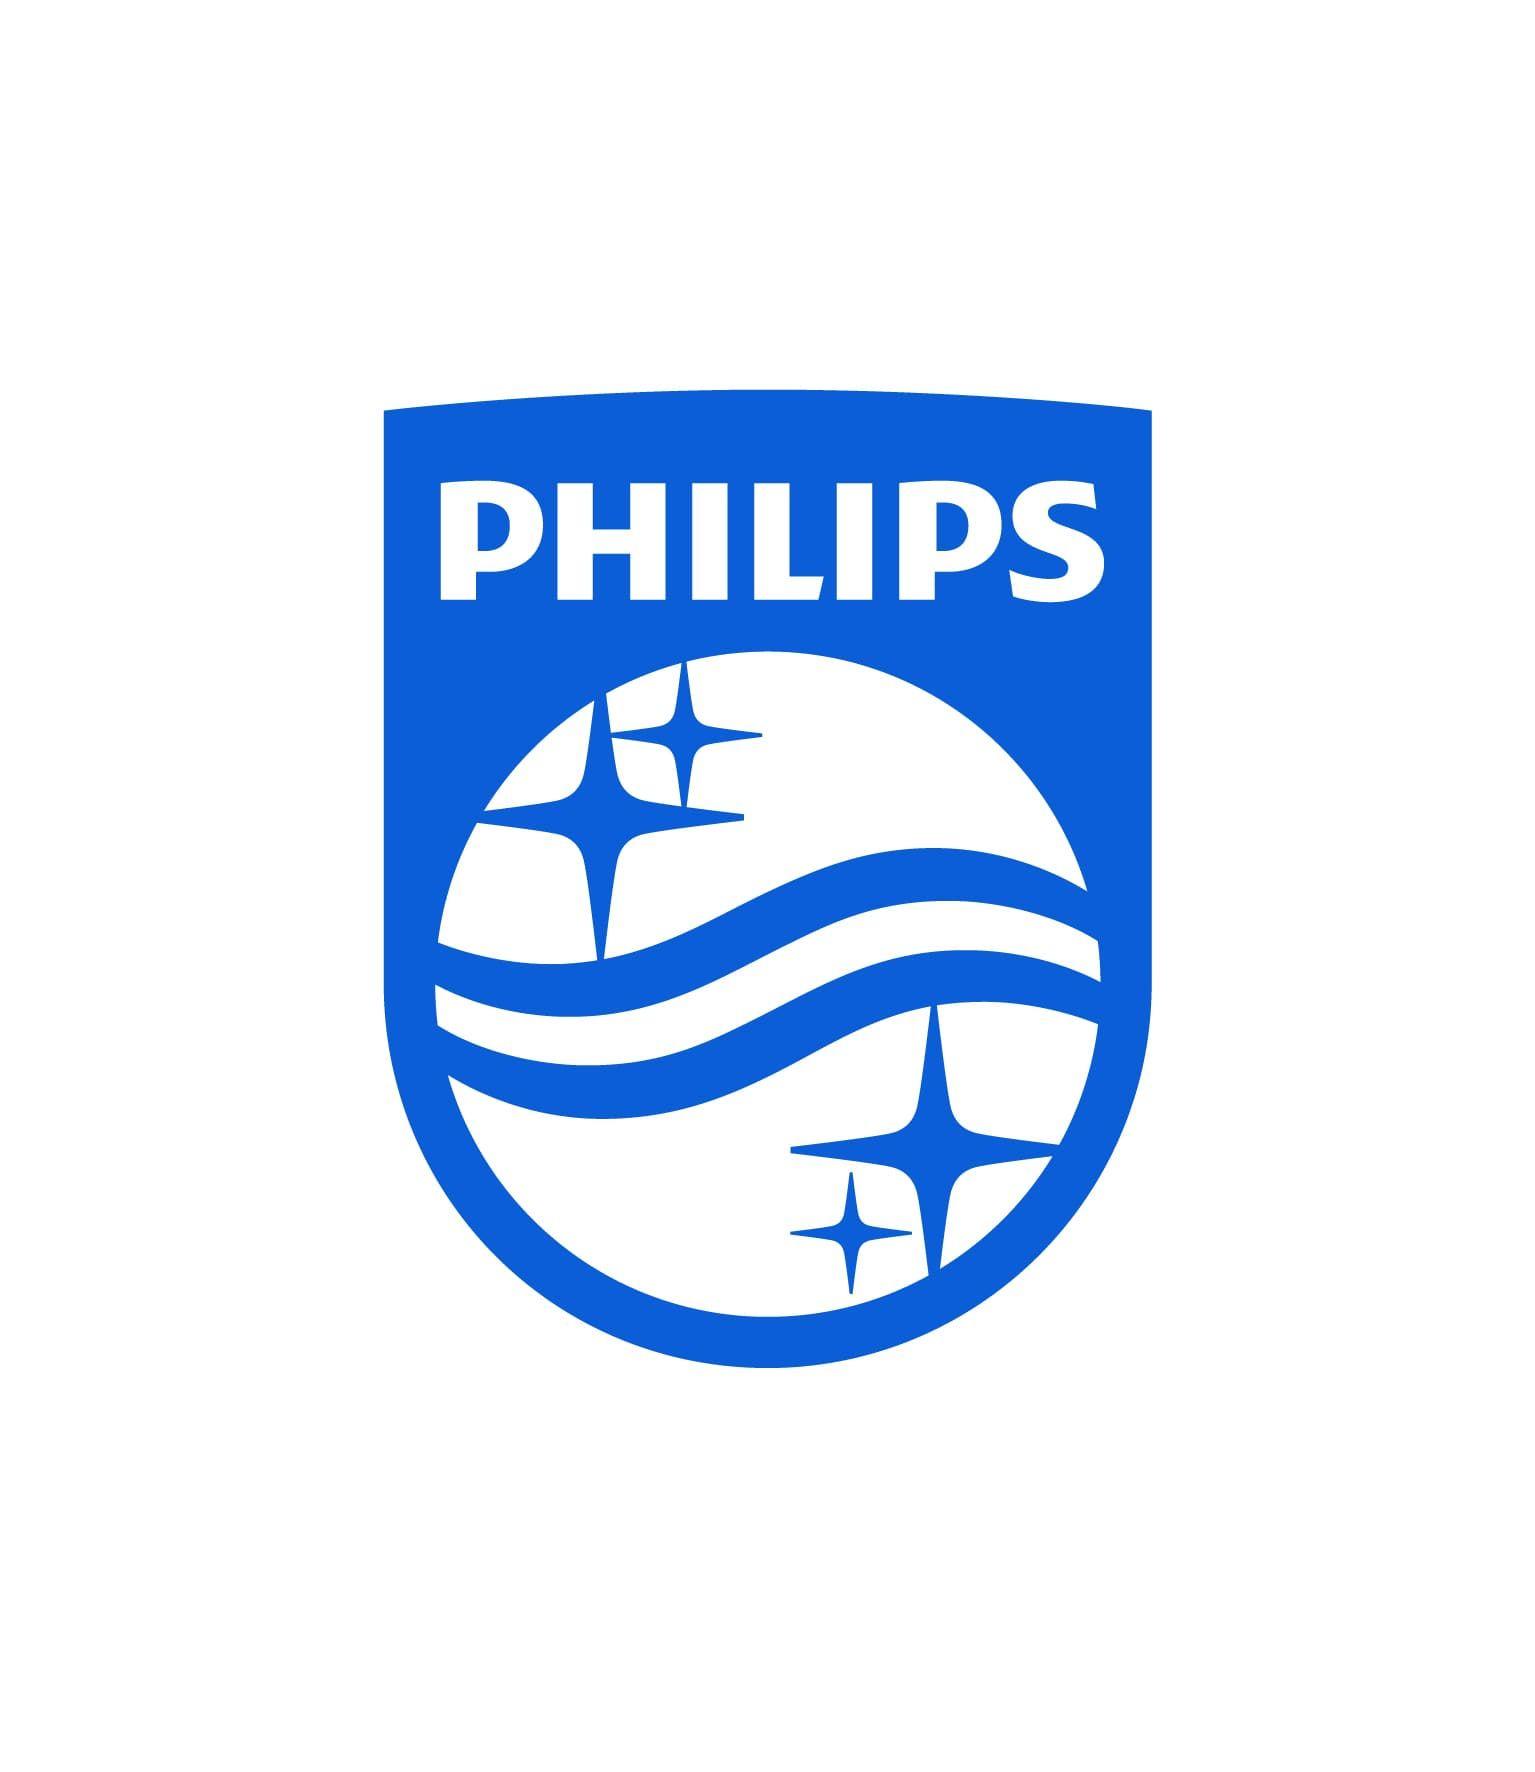 Descuento en tienda Philips 25% + 20%